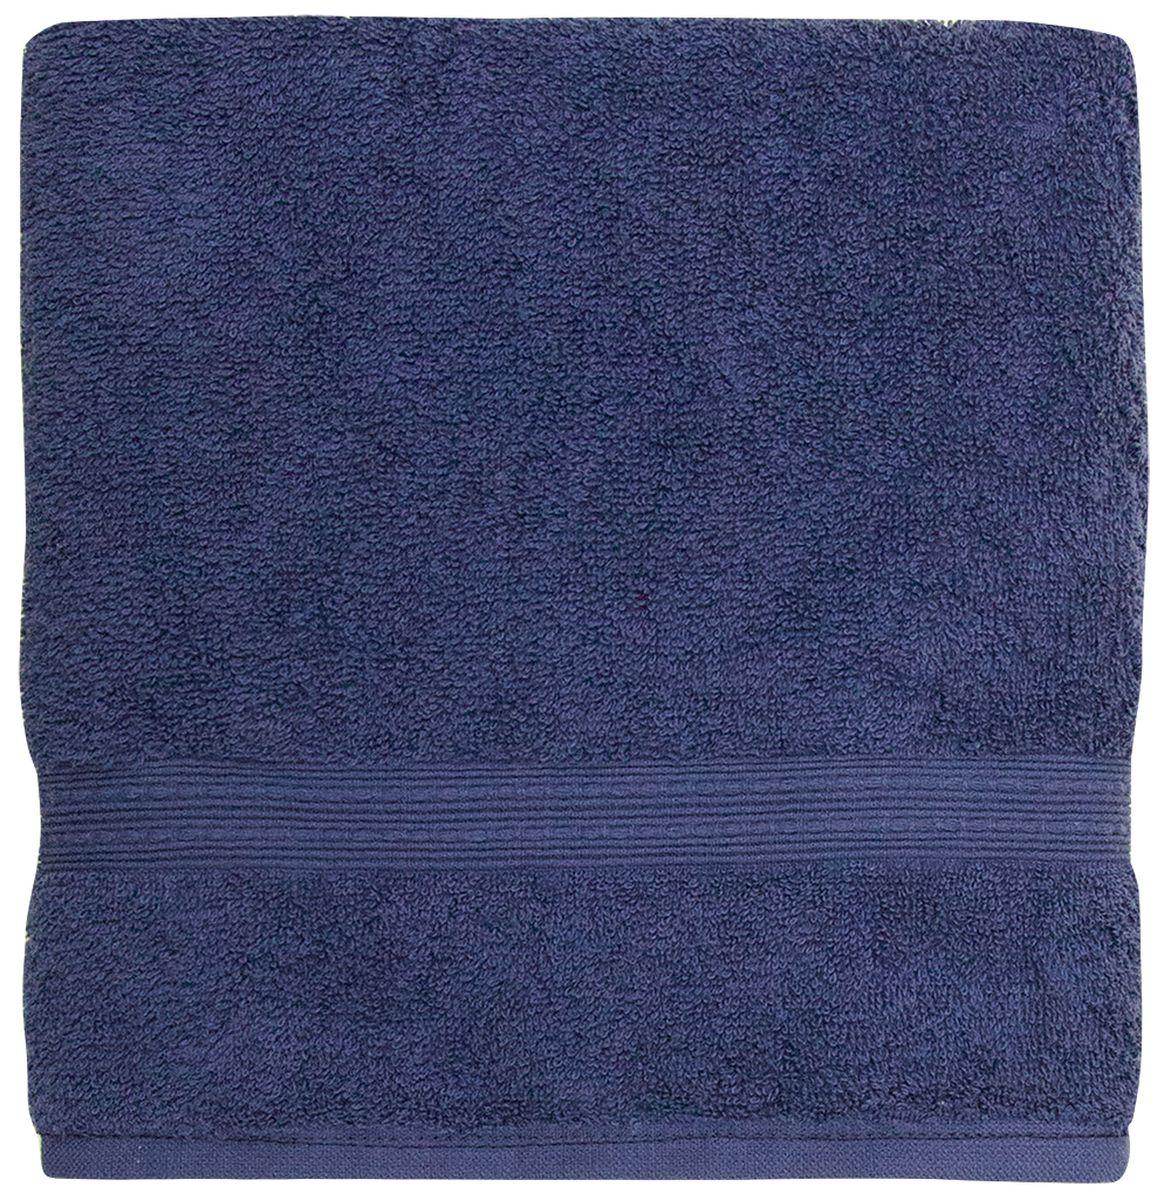 Полотенце банное Bonita Classic, цвет: сапфир, 50 x 90 см1011217220Банное полотенце Bonita Classic выполнено из 100% хлопка. Изделие отлично впитывает влагу, быстро сохнет, сохраняет яркость цвета и не теряет форму даже после многократных стирок. Такое полотенце очень практично и неприхотливо в уходе. Оно создаст прекрасное настроение и украсит интерьер в ванной комнате.